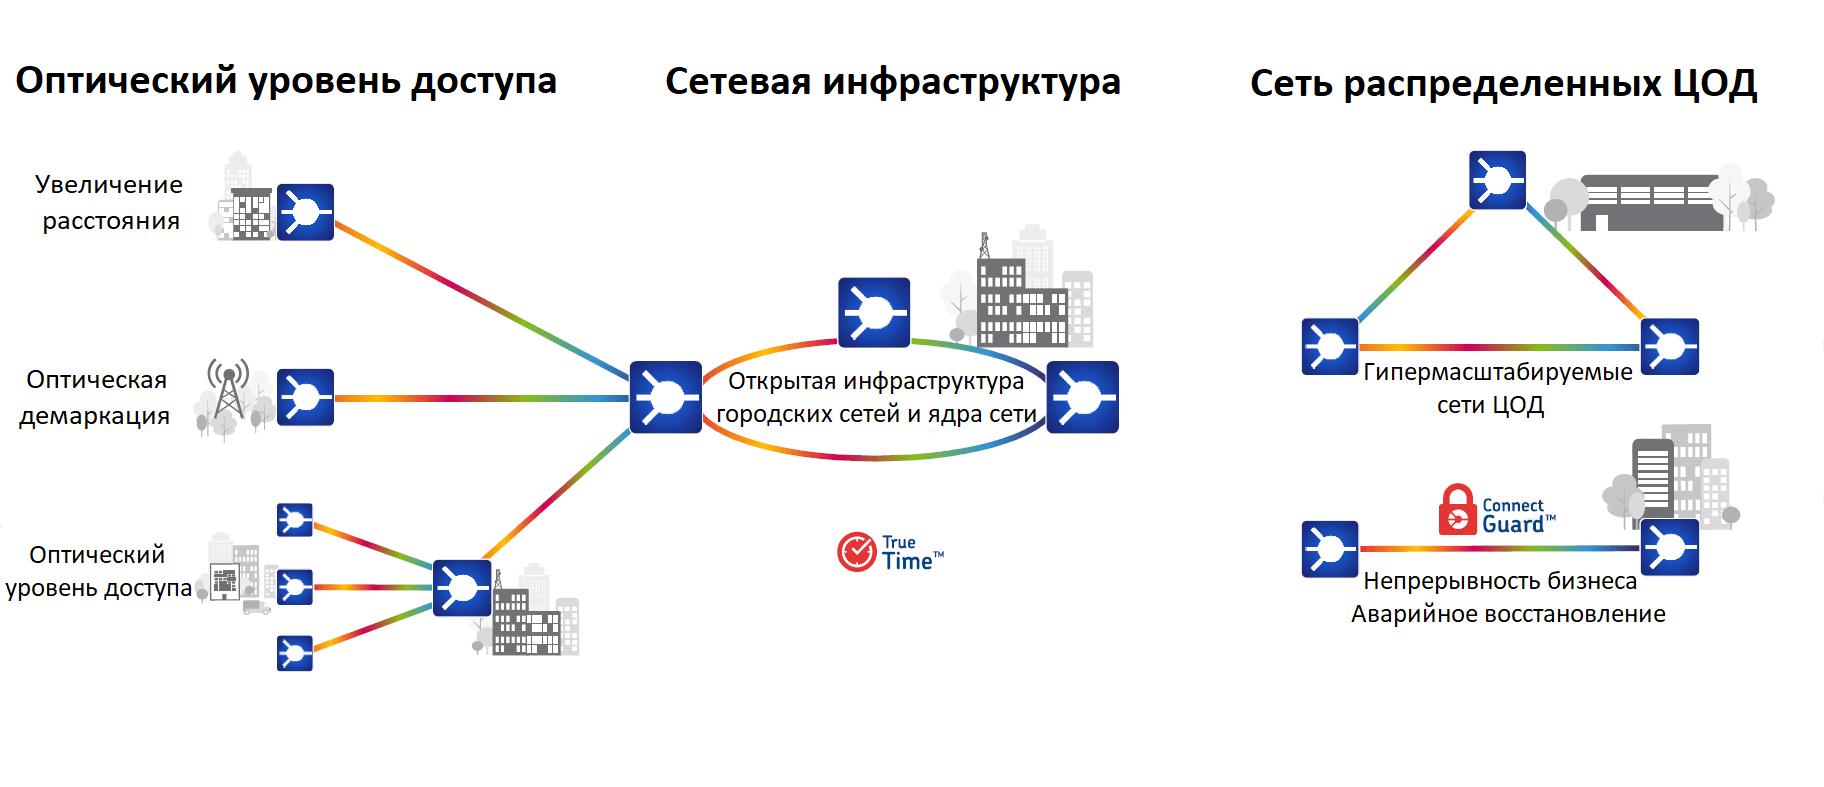 Транспортные сети